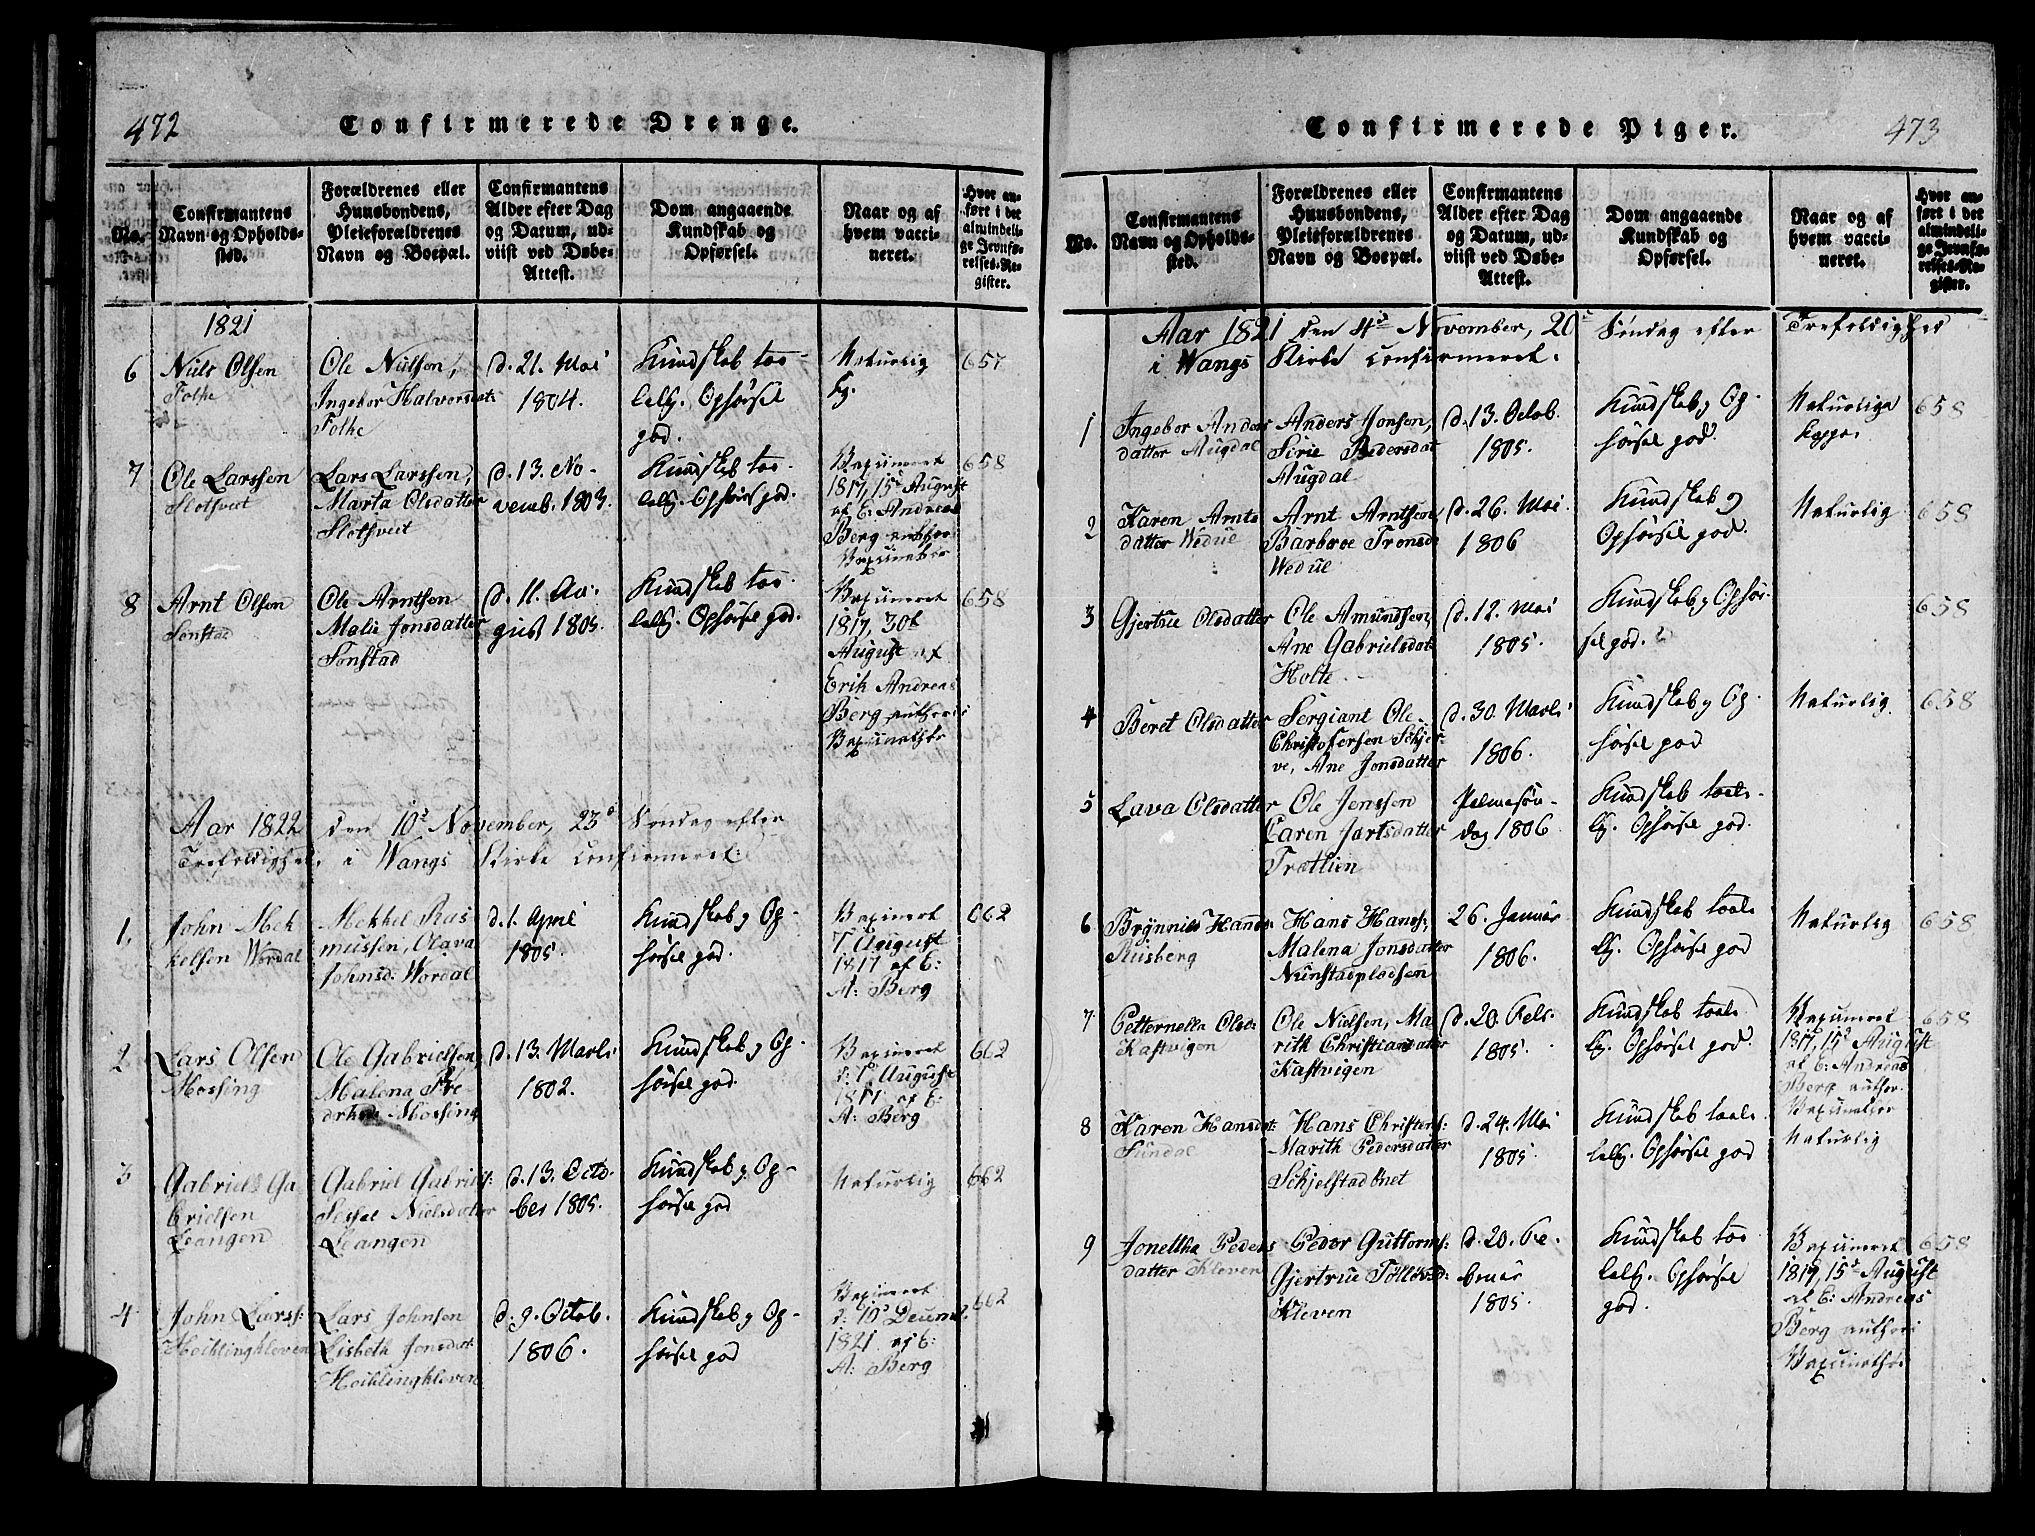 SAT, Ministerialprotokoller, klokkerbøker og fødselsregistre - Nord-Trøndelag, 714/L0132: Klokkerbok nr. 714C01, 1817-1824, s. 472-473